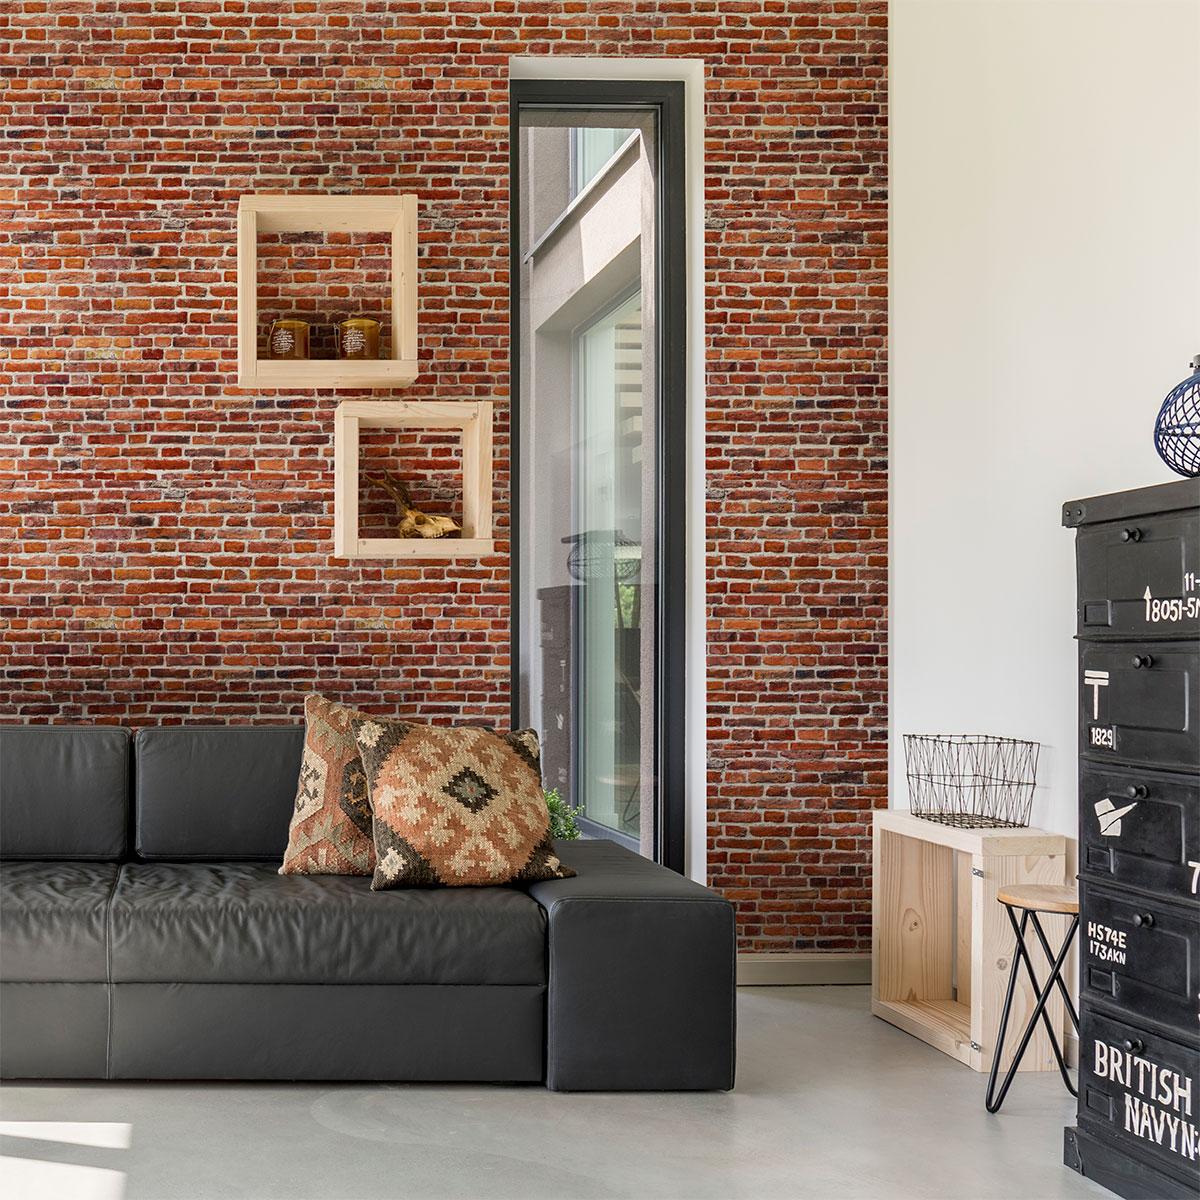 Chambre Ado Avec Papier Peint Brique sticker papier peint briques d'edimbourg